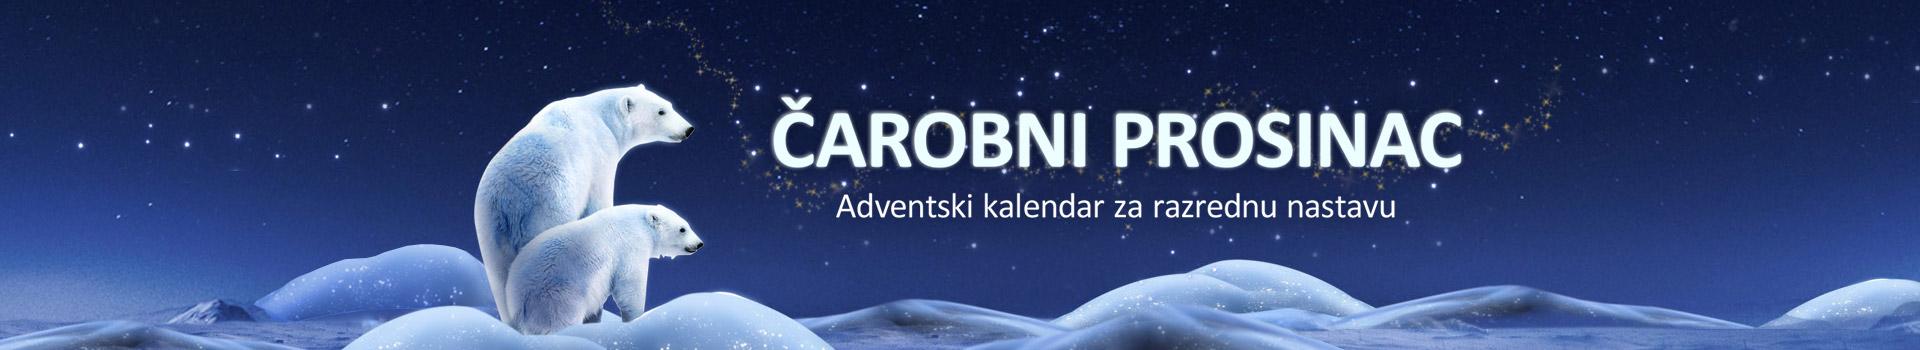 Adventski kalendar 2017